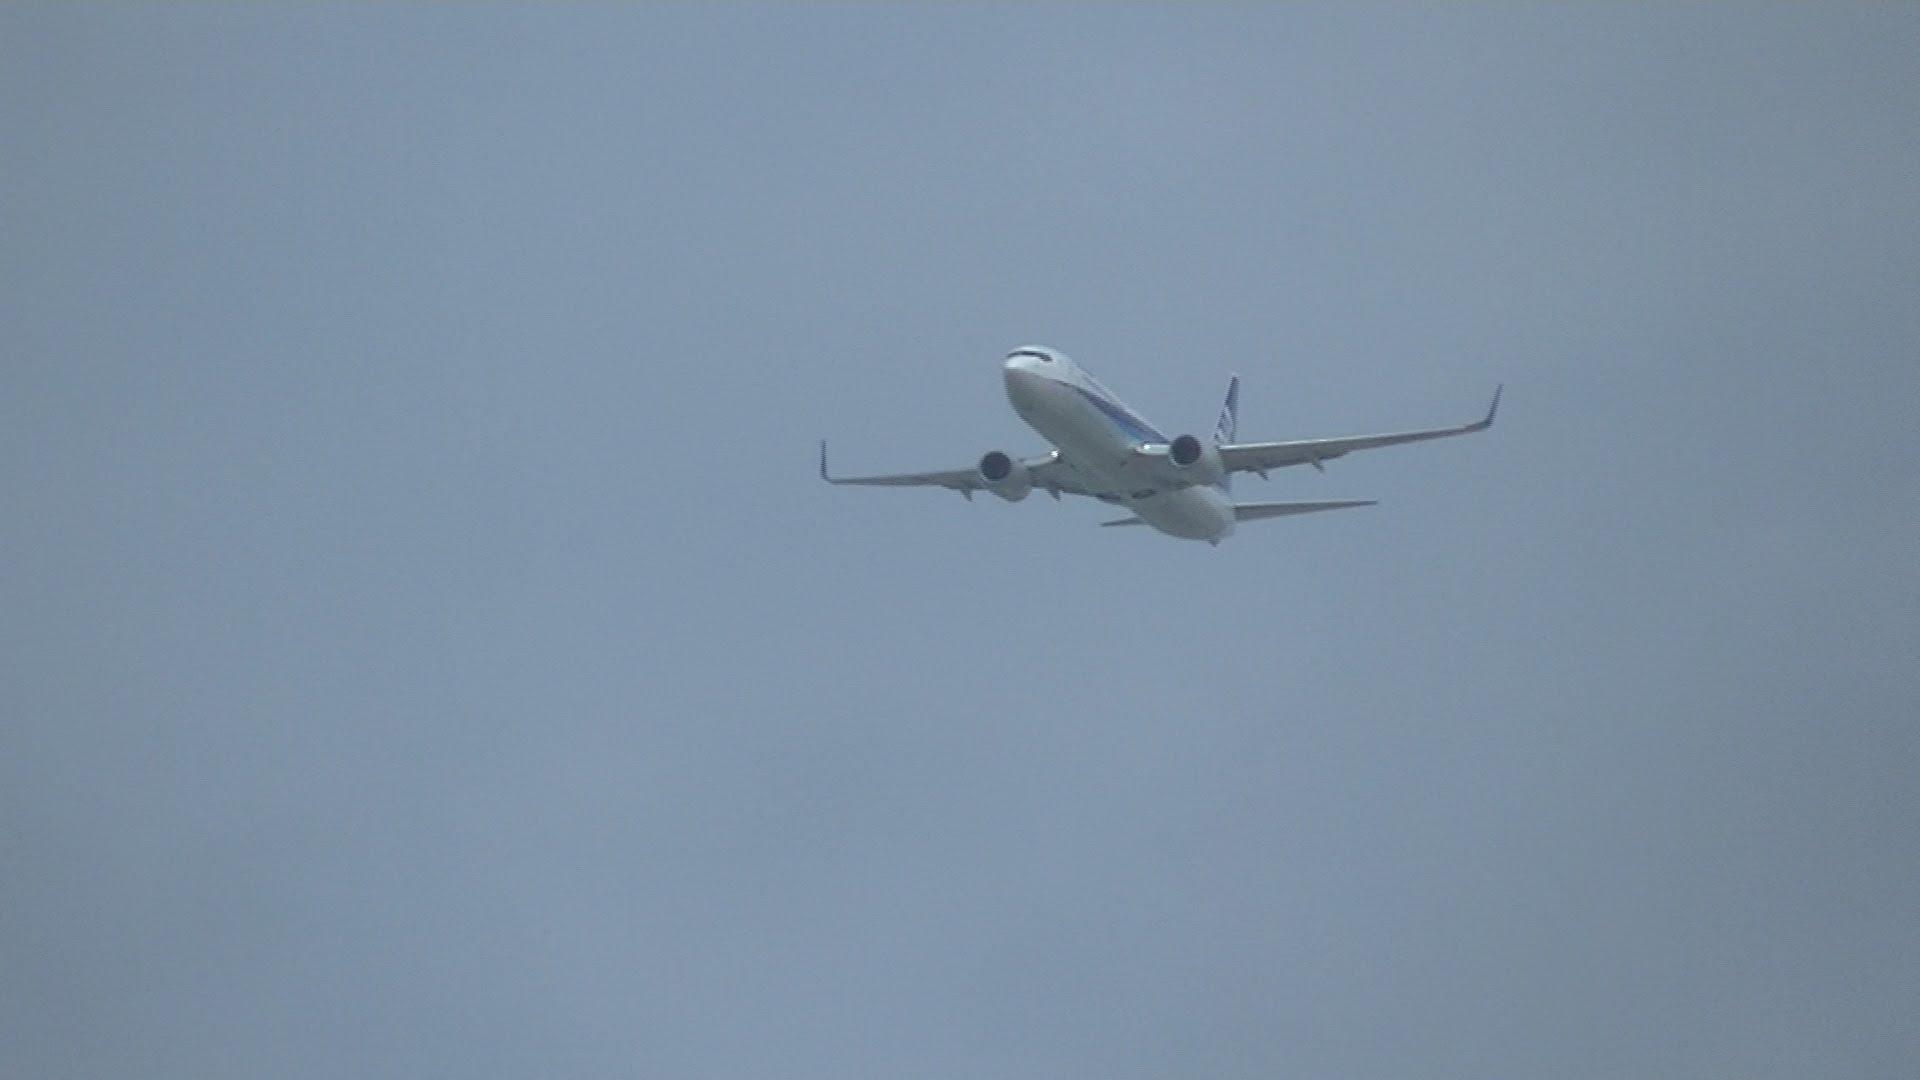 【動画】過密する那覇空港 滑走路が空かずゴーアラウンドするANAのB737